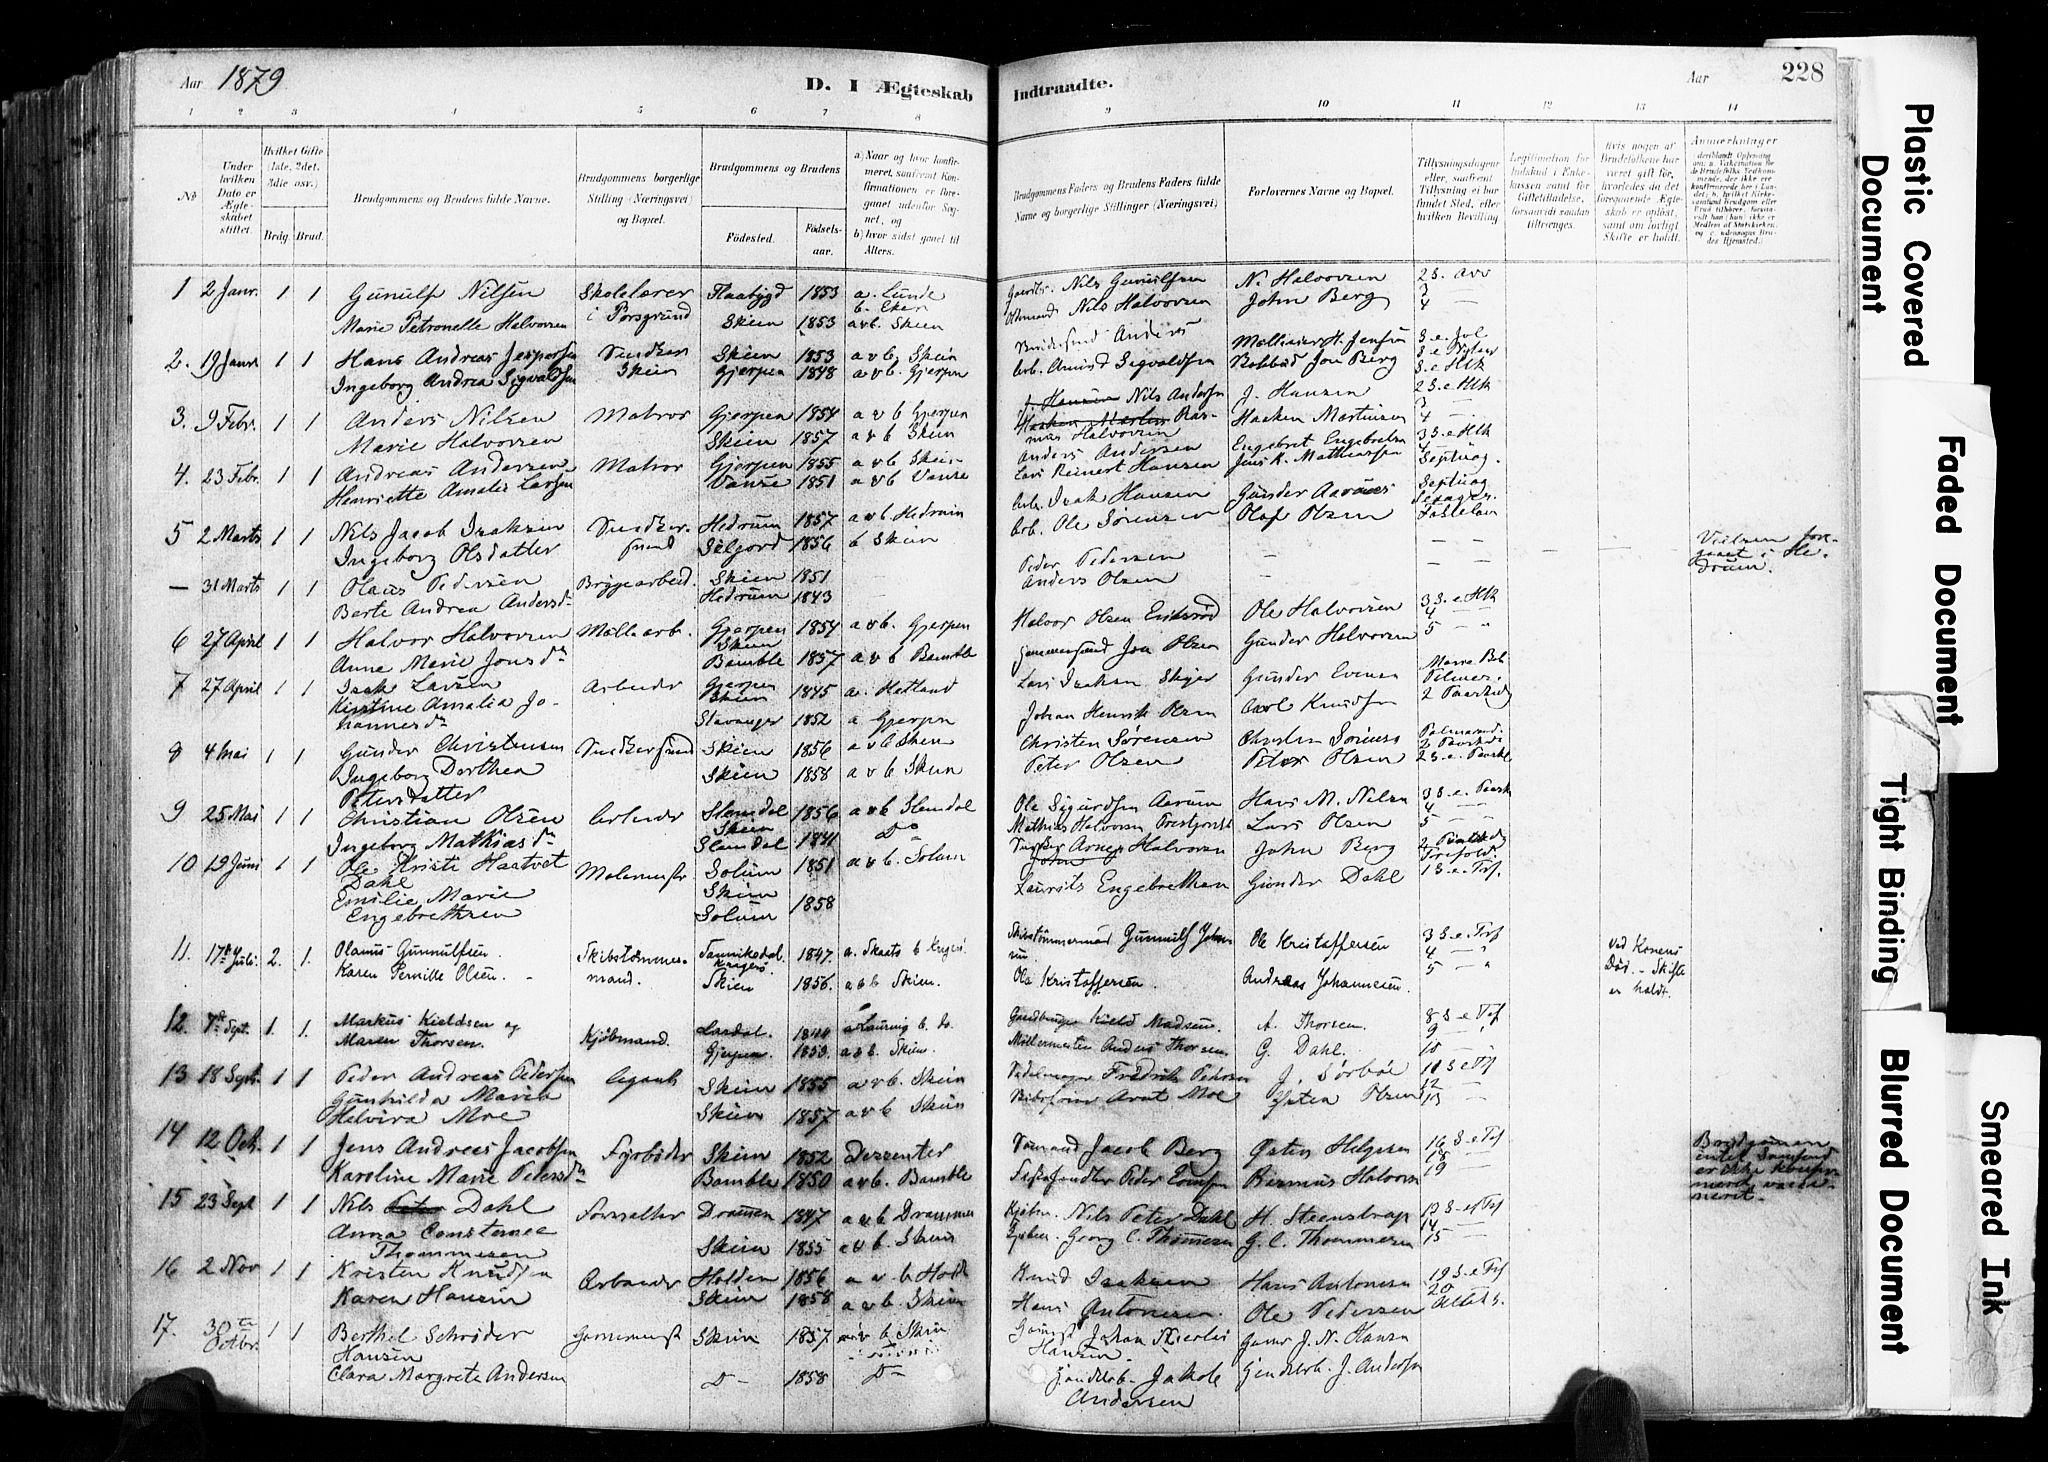 SAKO, Skien kirkebøker, F/Fa/L0009: Ministerialbok nr. 9, 1878-1890, s. 228